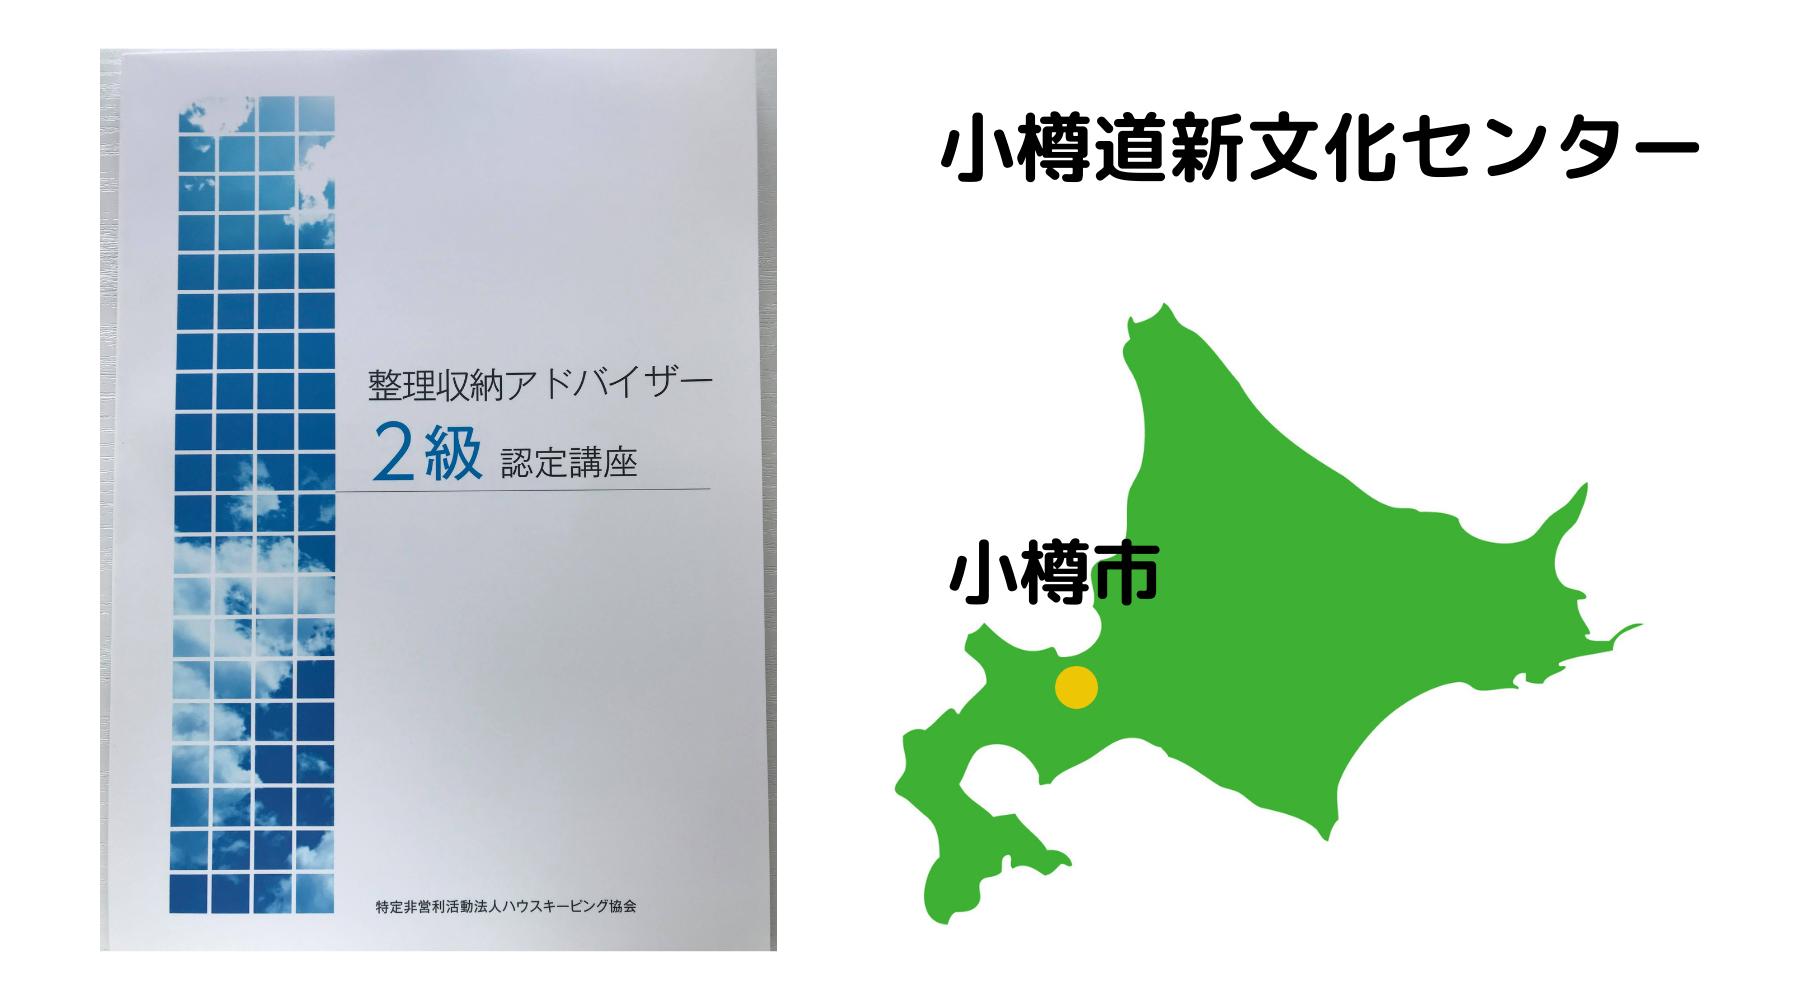 【講座会場案内】小樽道新文化センター